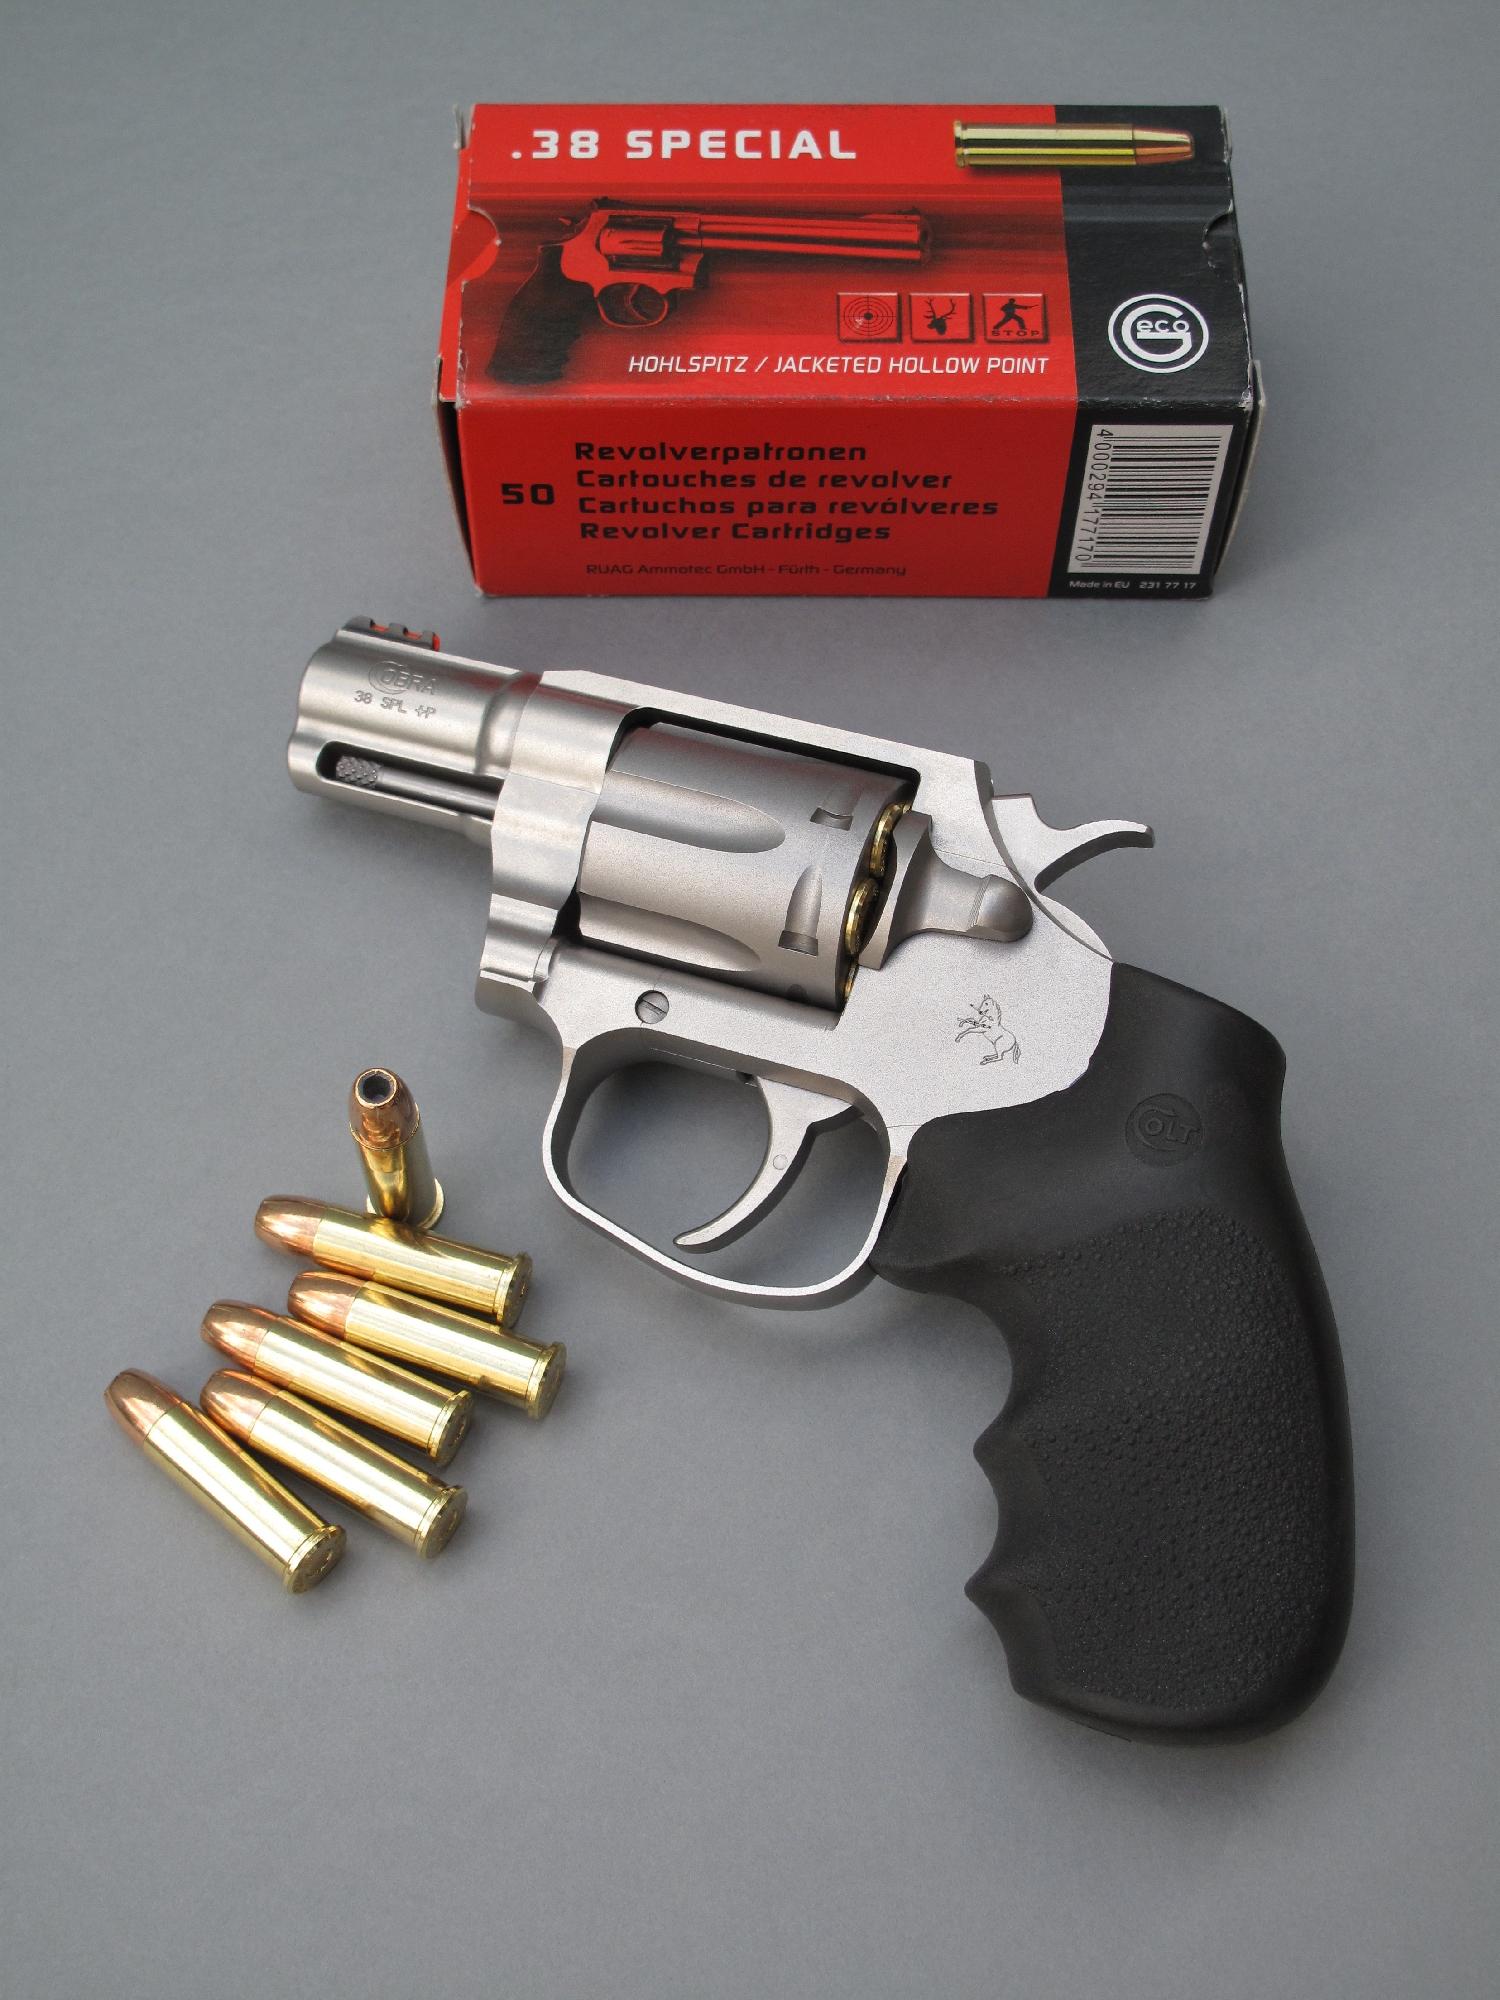 Le Colt Cobra est un revolver de défense à six coups compact et léger auquel sa fabrication en acier inoxydable apporte une excellente résistance à la corrosion.